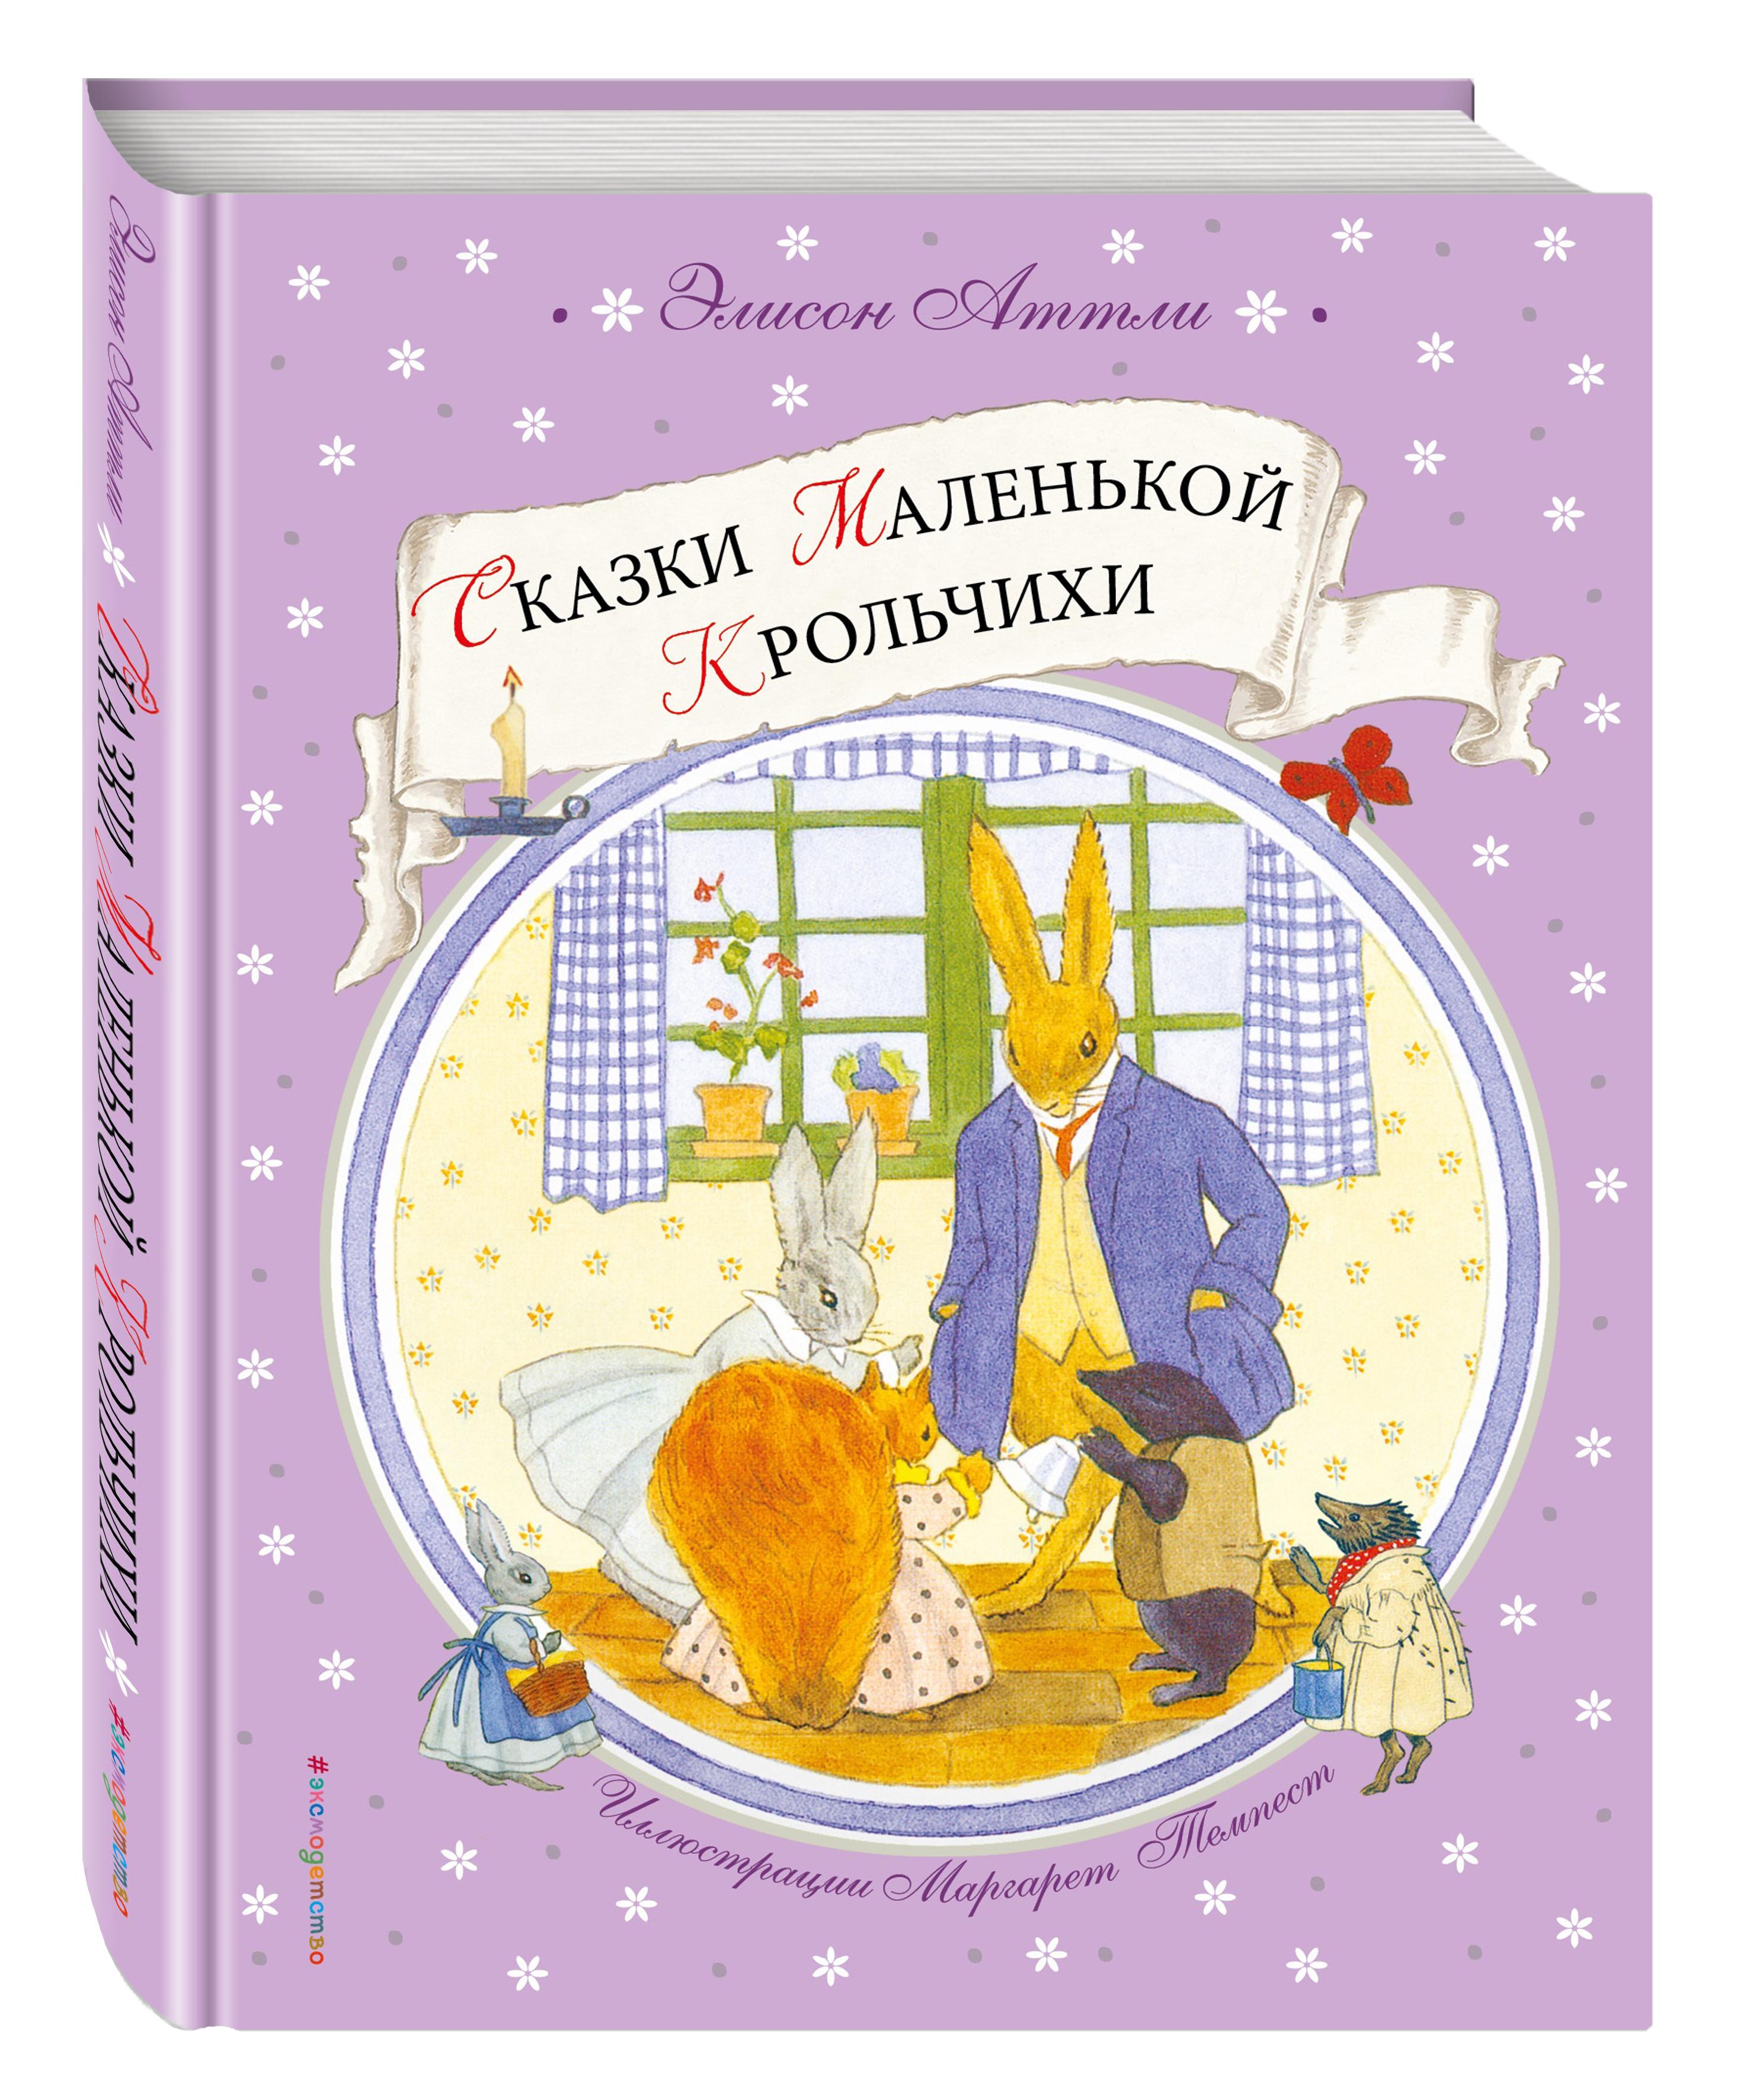 Аттли Э. Сказки Маленькой Крольчихи ISBN: 978-5-699-72143-6